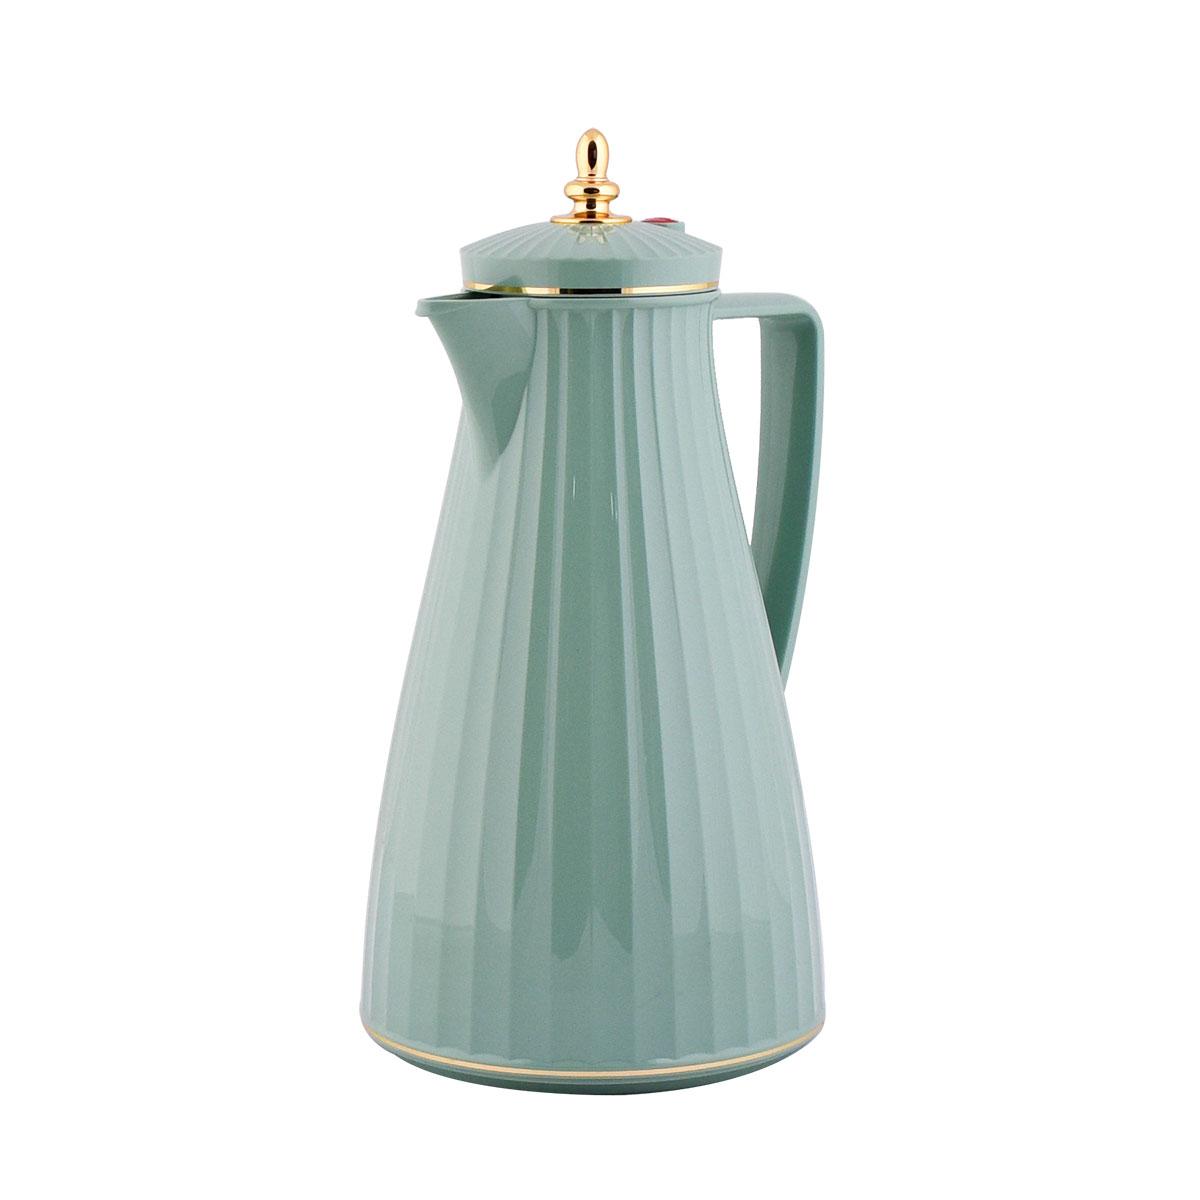 ترمس شاي وقهوة فلورا السيف - 1 لتر - لون اخضر فاتح  -TGN